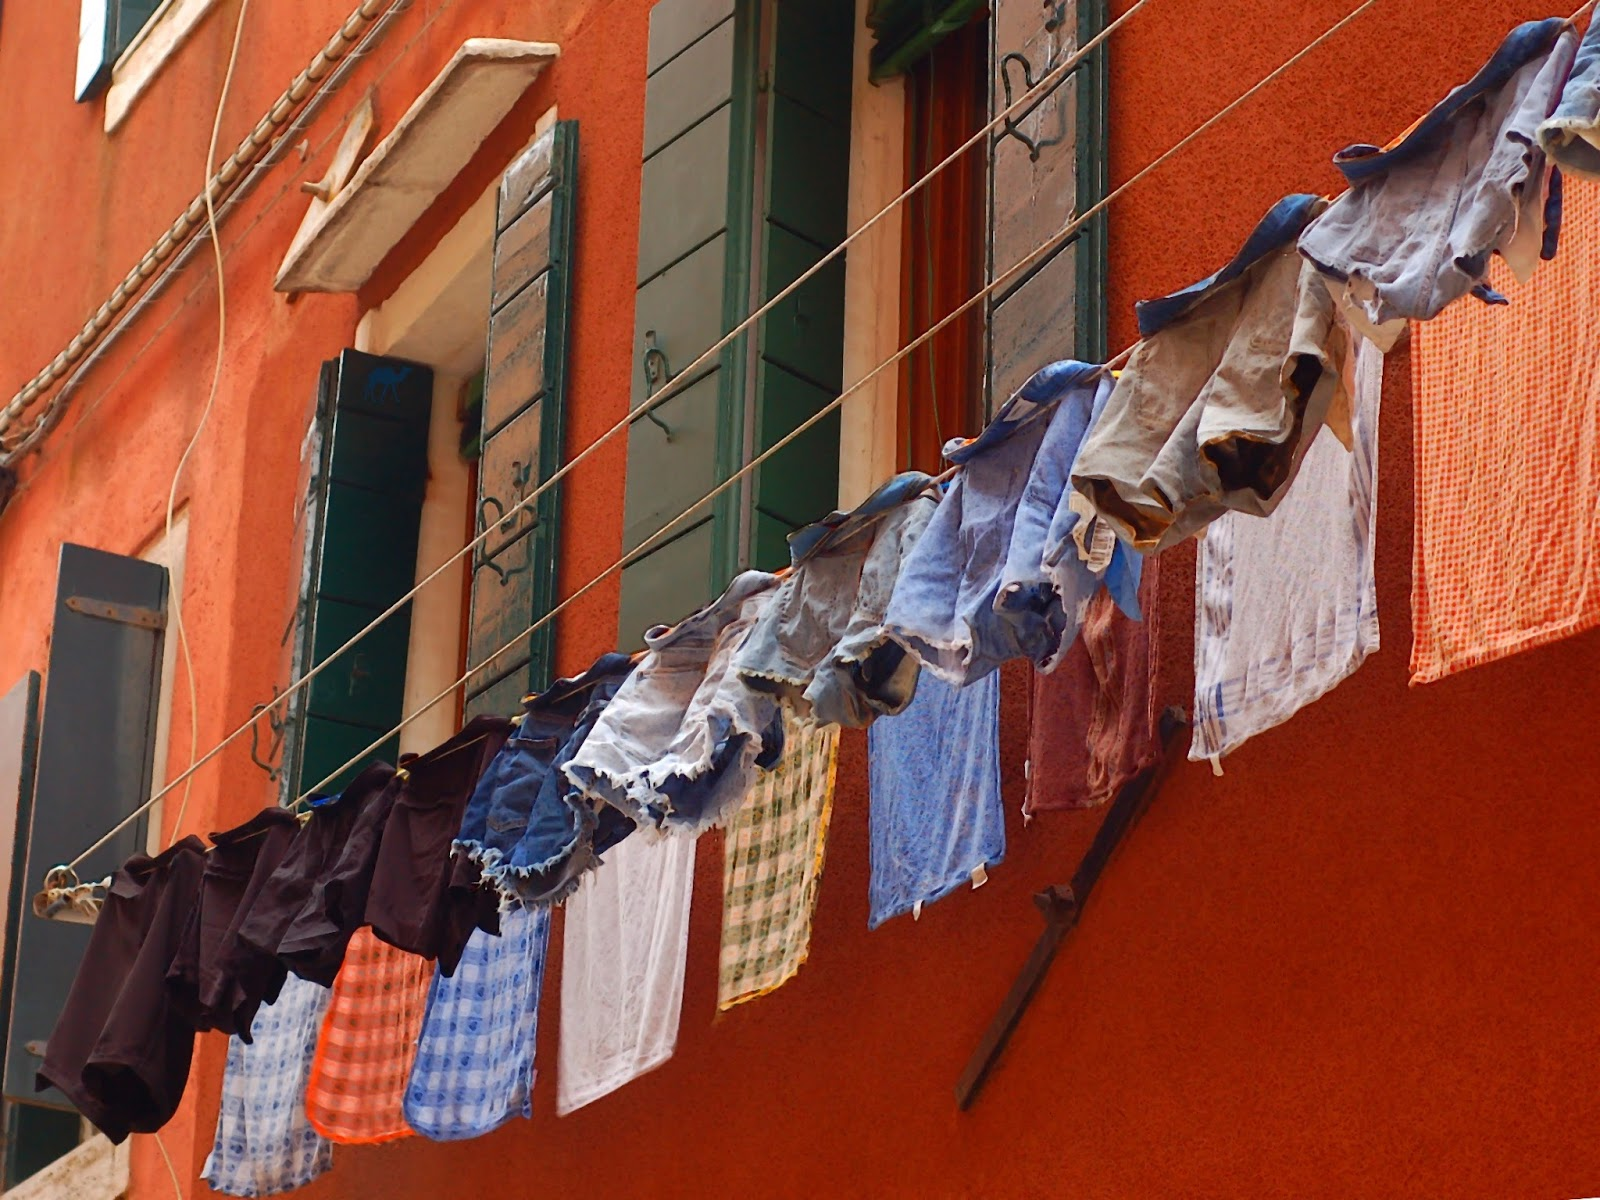 Le Chameau Bleu - Week end à Venise - Rue de Venise Italie